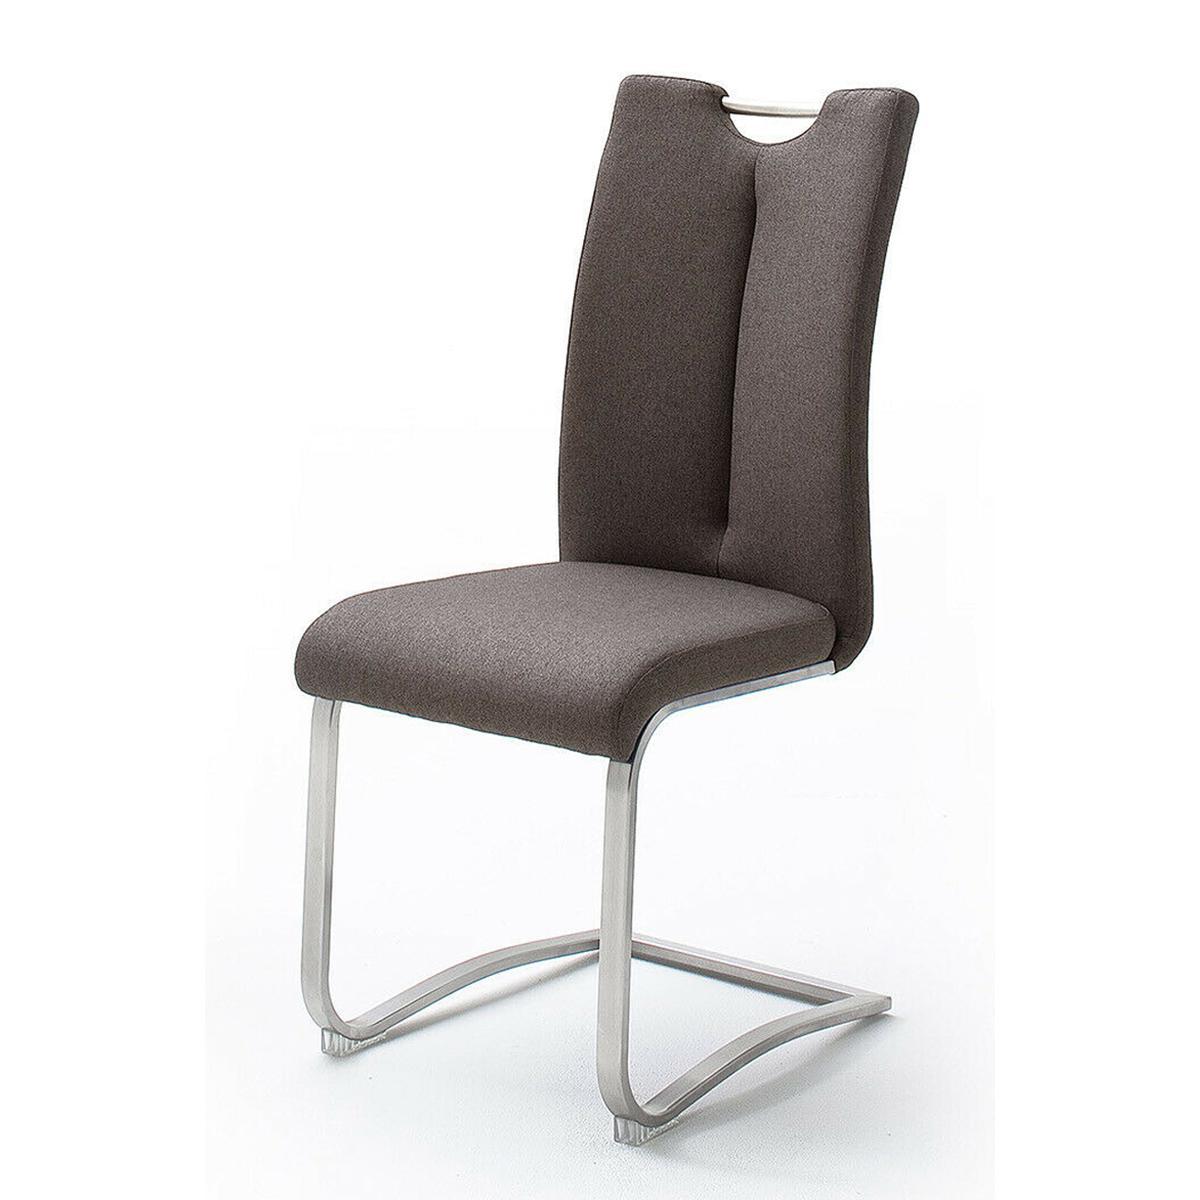 Pegane Lot de 2 chaises en acier et tissu coloris marron - H.102 x L.45 x P.58 cm